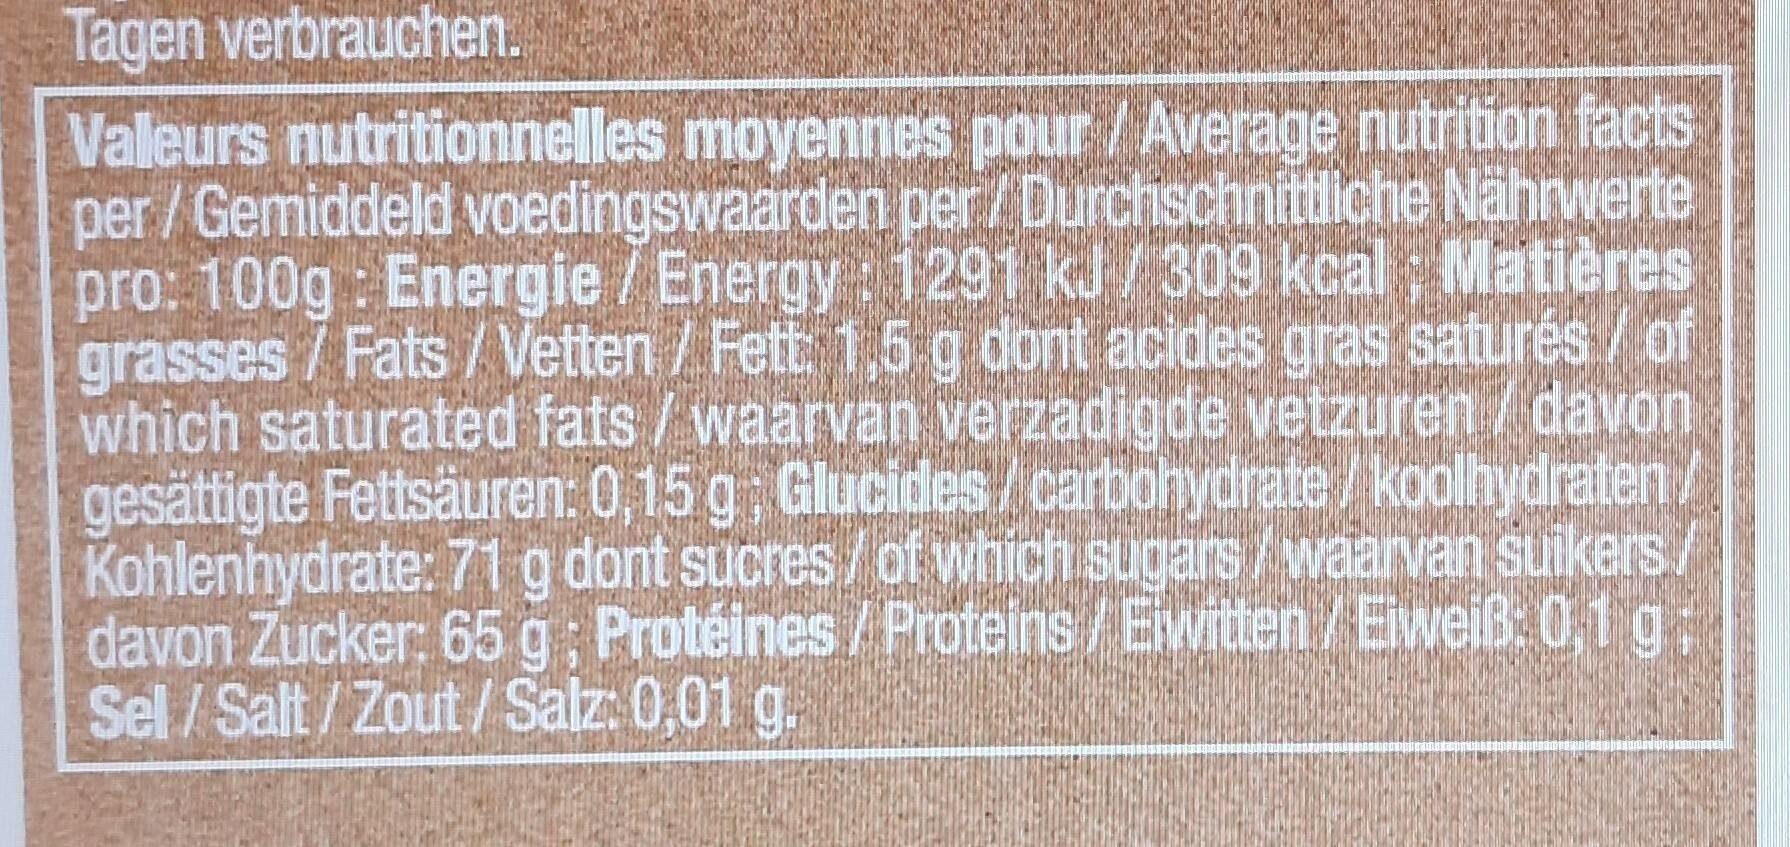 Cranberries bio - Voedingswaarden